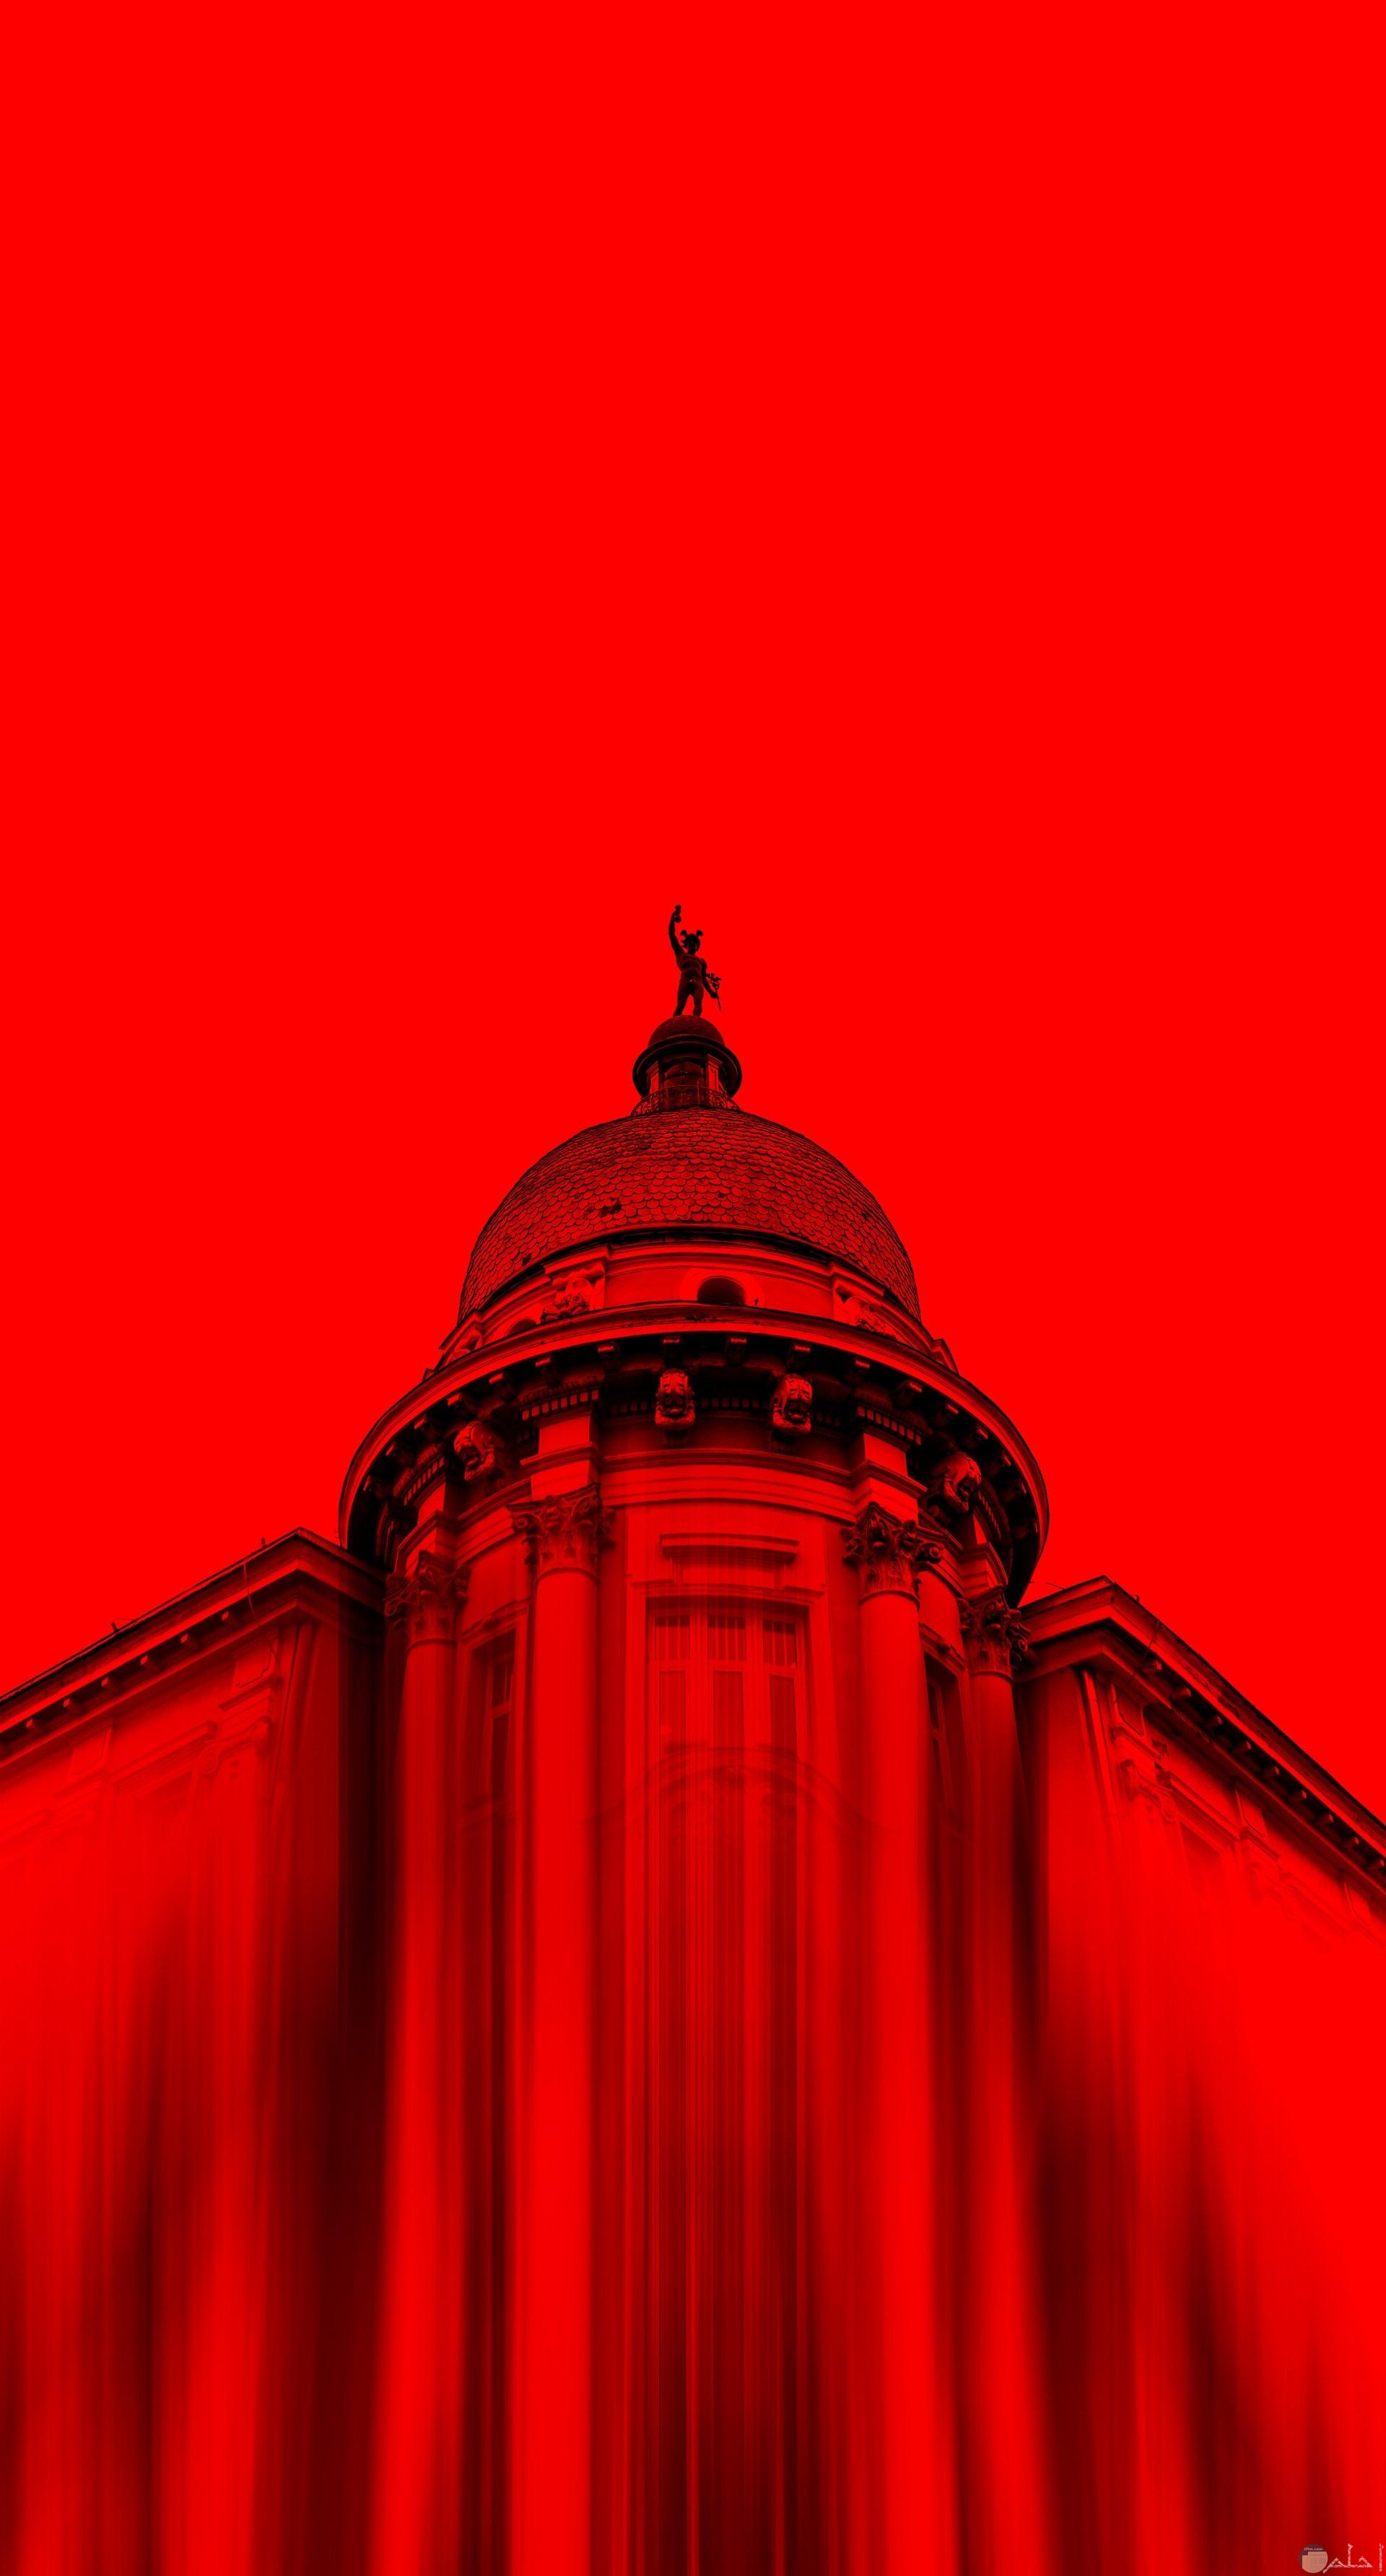 صورة غريبة جدا باللون الأحمر لمبني وجزء منه كأنه ممسوح